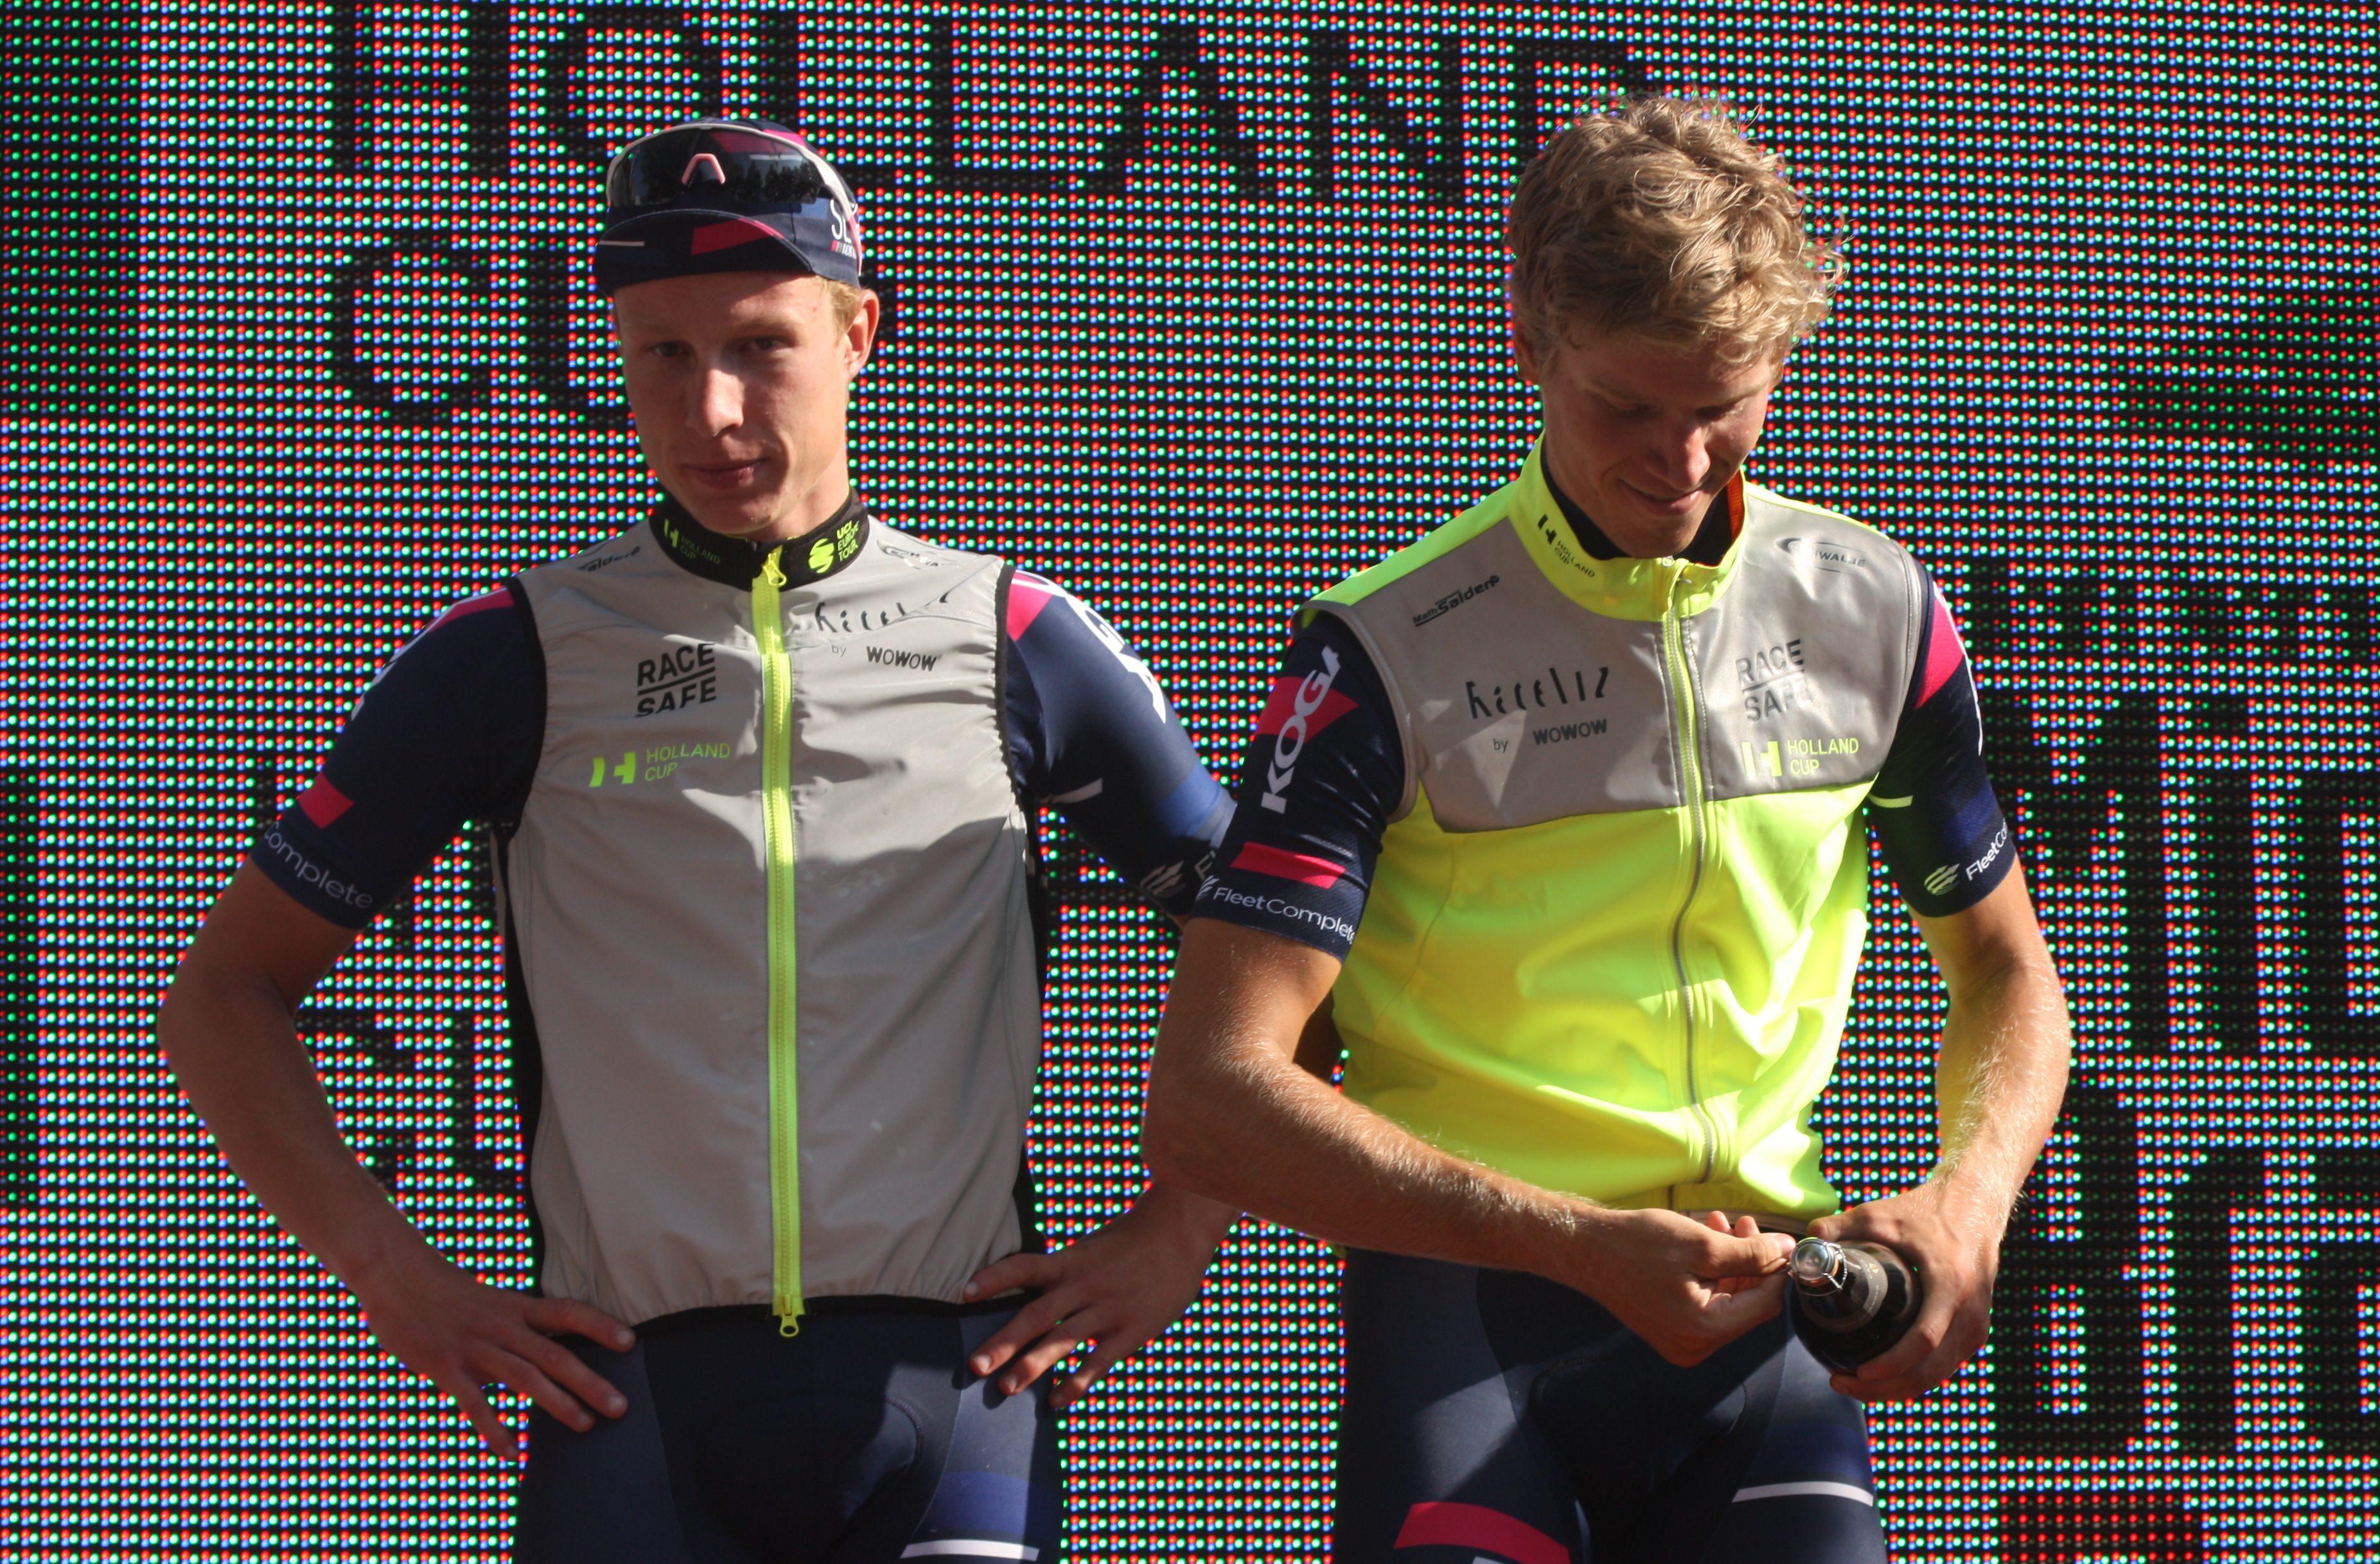 Holland Cup-leider eerst stagiair en daarna prof bij Team Sunweb